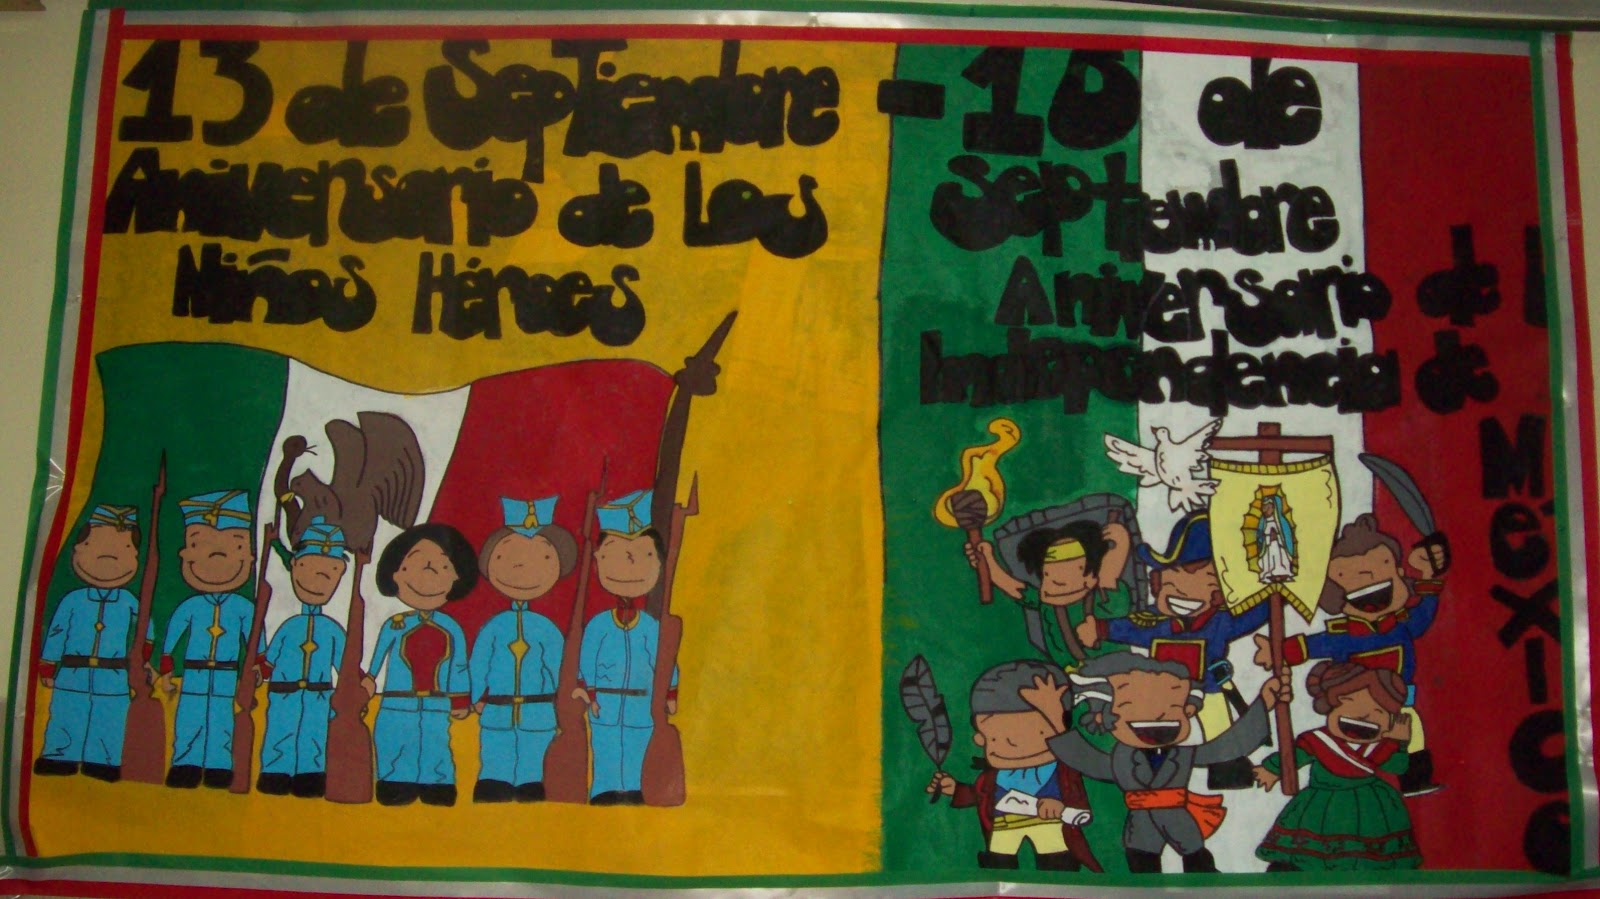 Domingo de alzola fiestas patrias for Diario mural fiestas patrias chile